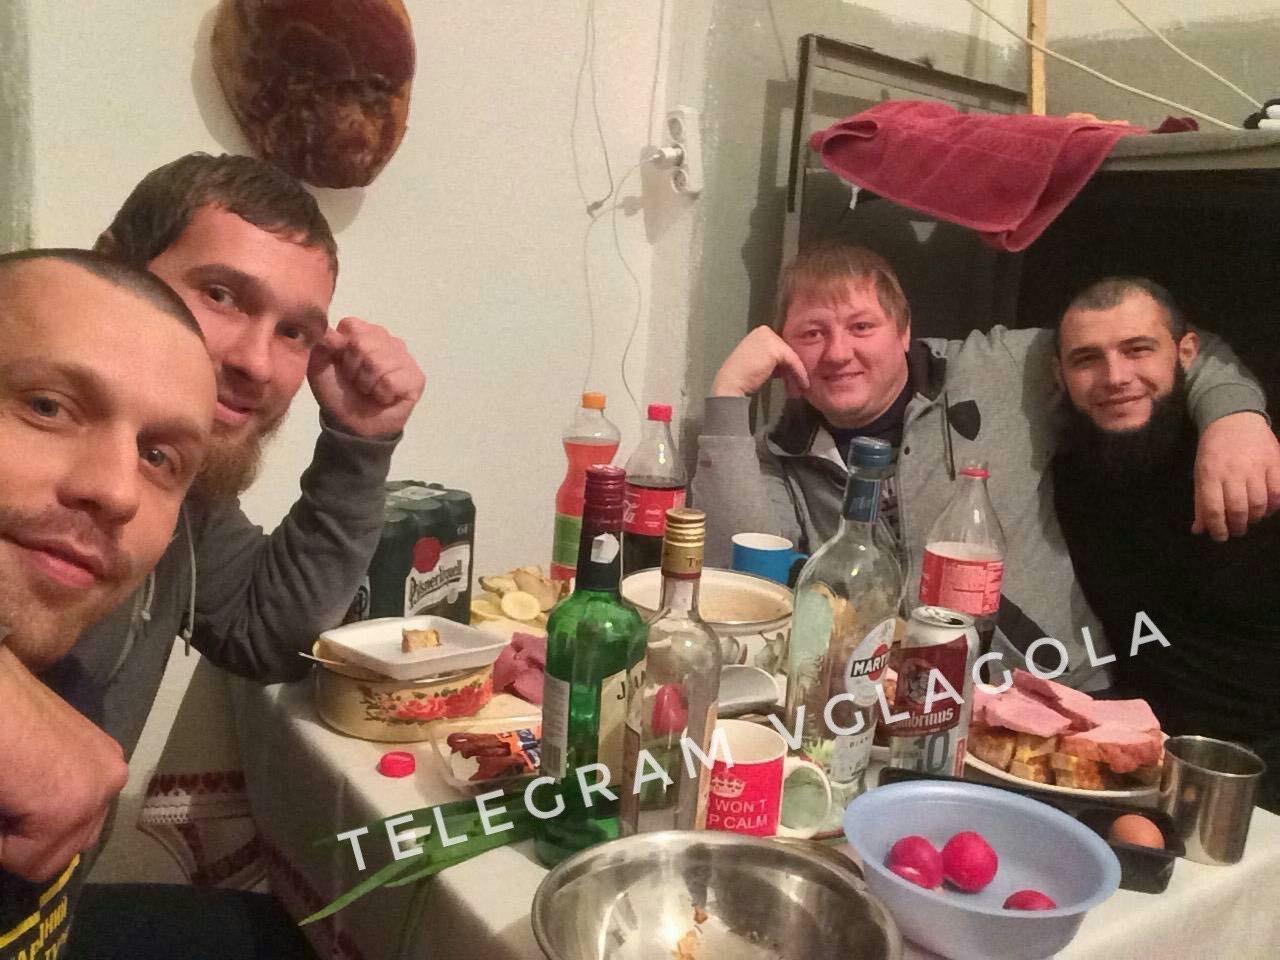 Посиденьки в Ужгородському СІЗО не пройдуть безкарно: прокуратура розпочала розслідування, фото-1